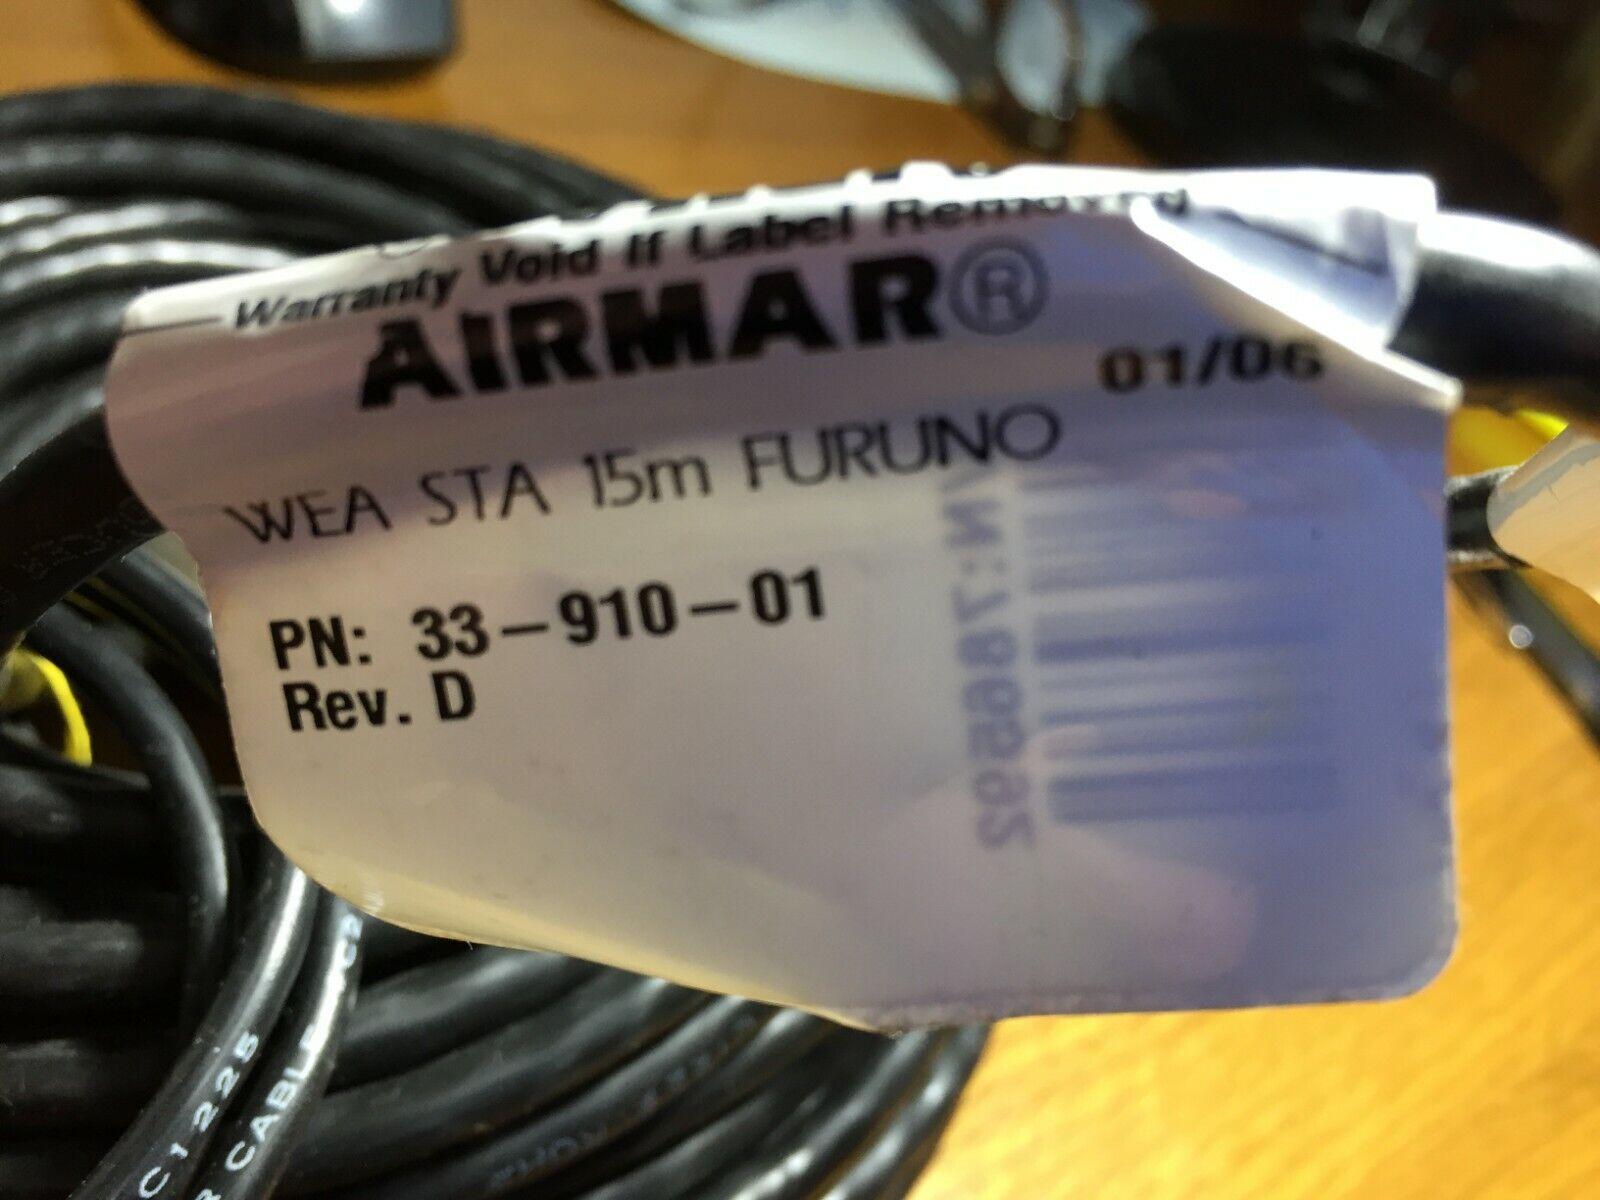 Airmar (101) 33-910-01 cable WEA STA 15 metros FORUNO Rev.D NMEA 0183